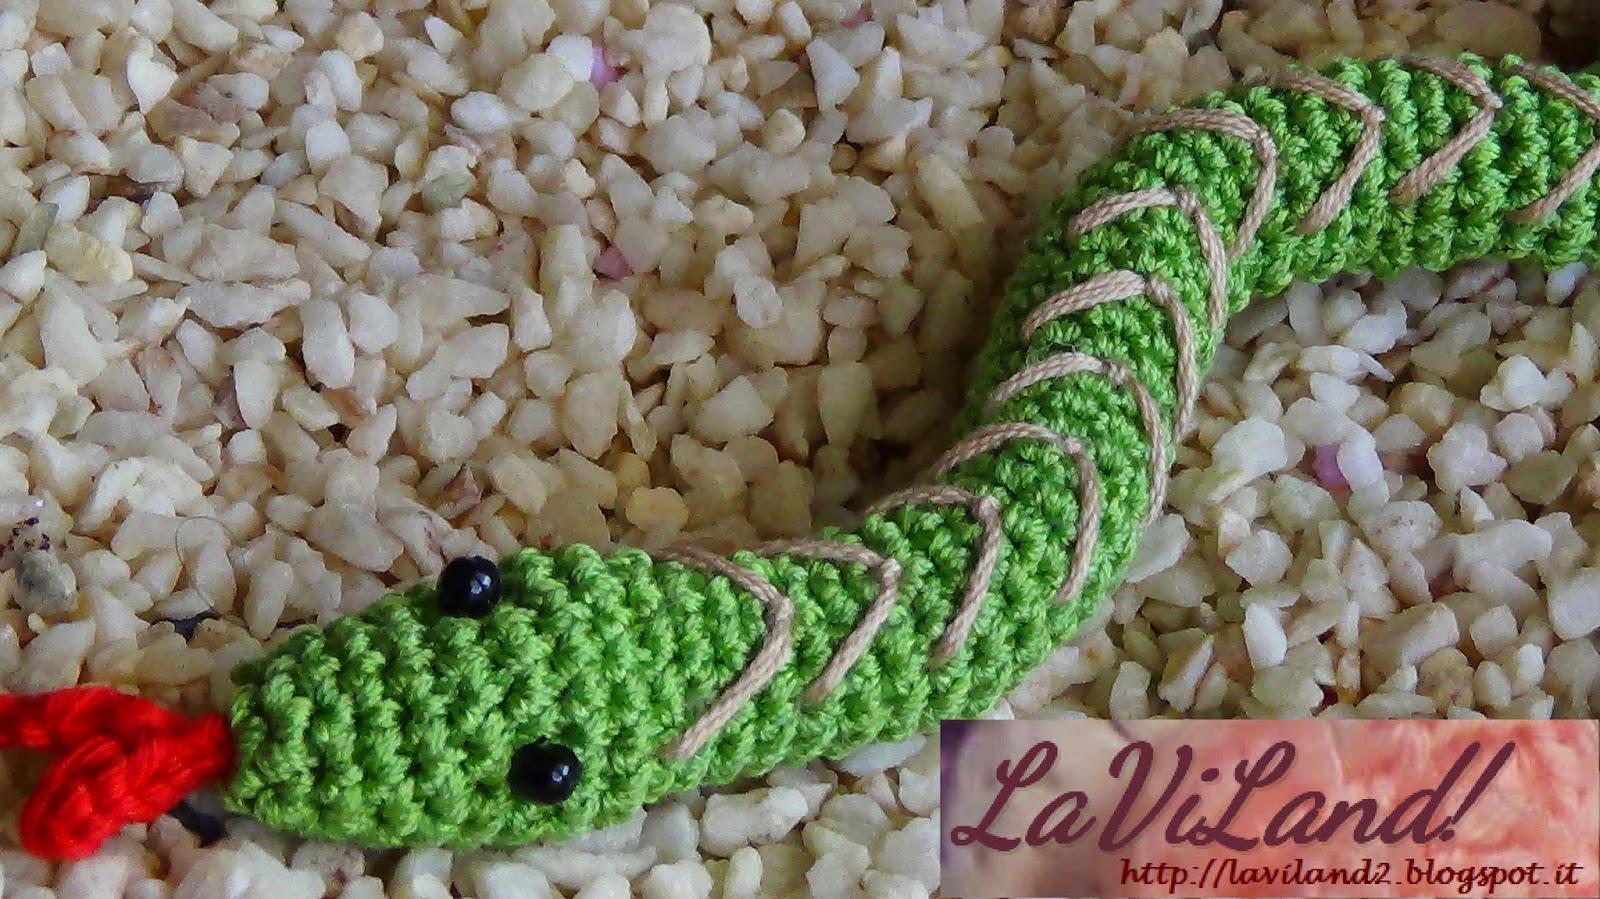 Paraspifferi Serpente Amigurumi a Uncinetto. Decorazione Animale ... | 899x1600